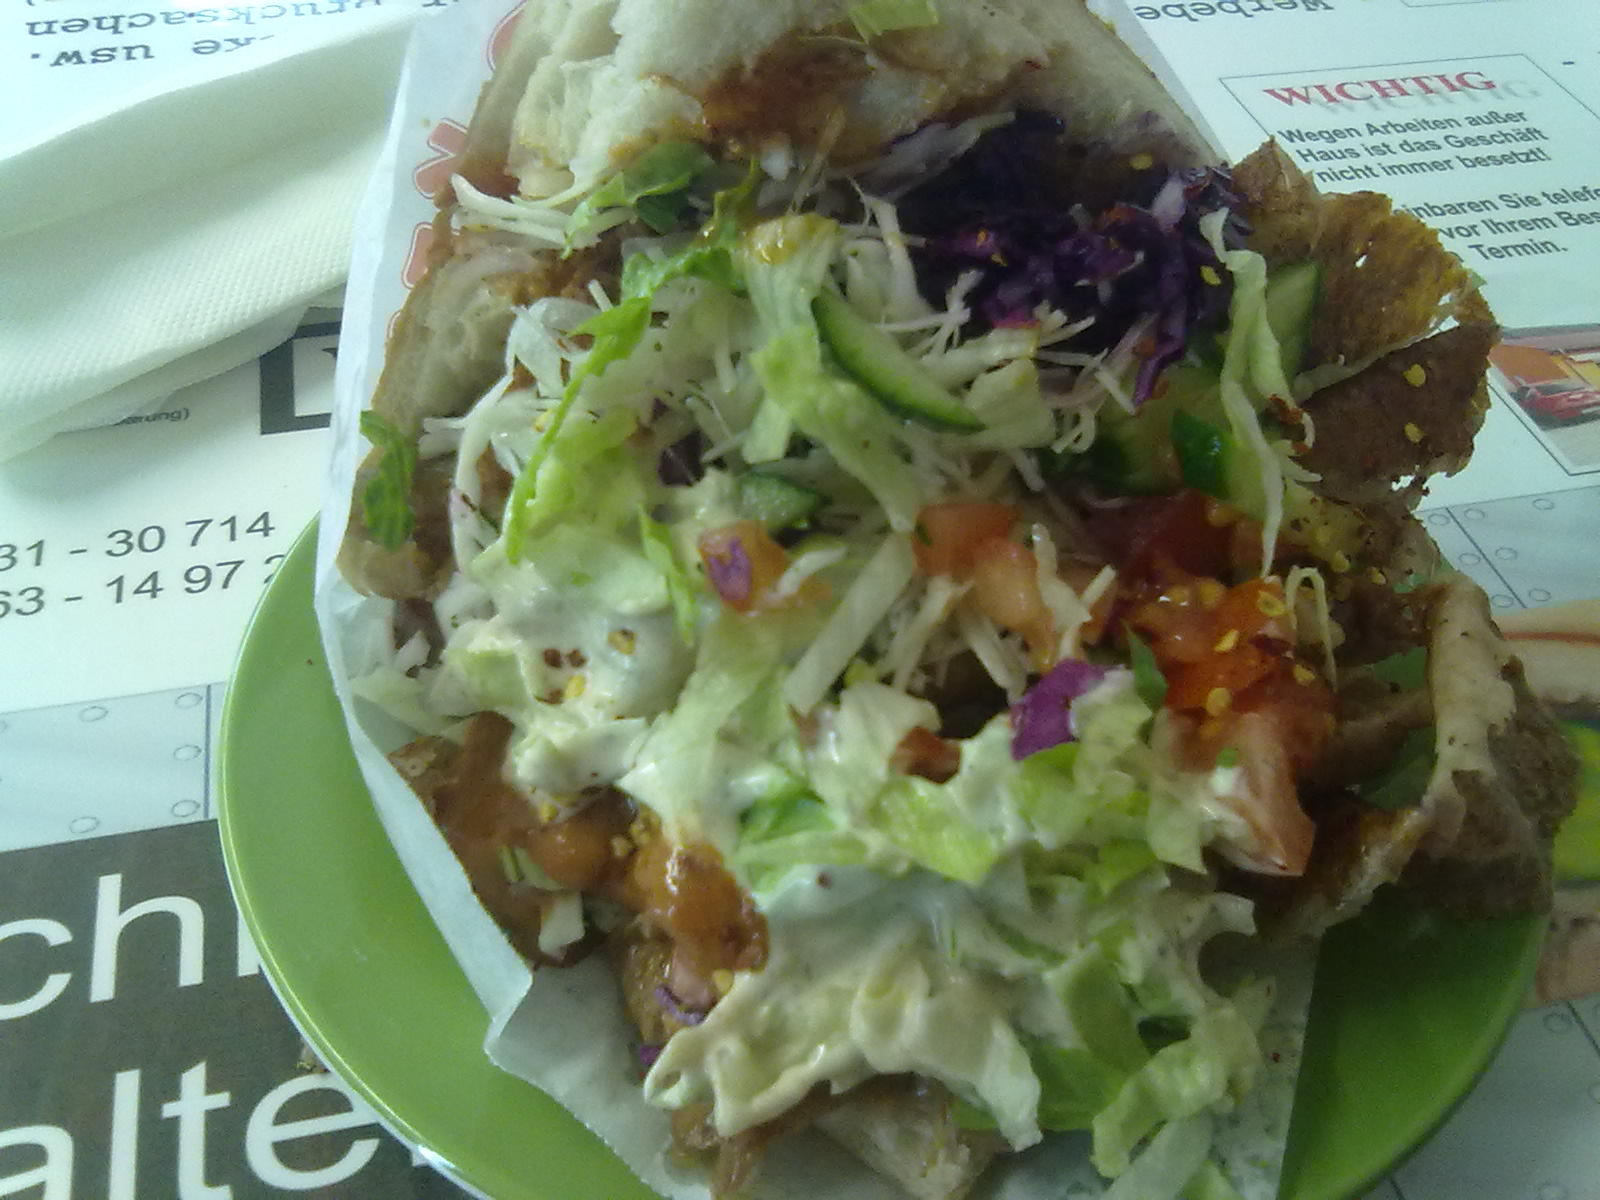 Vorgestellt: Dürüm Kebab Haus Lieferservice Dresden